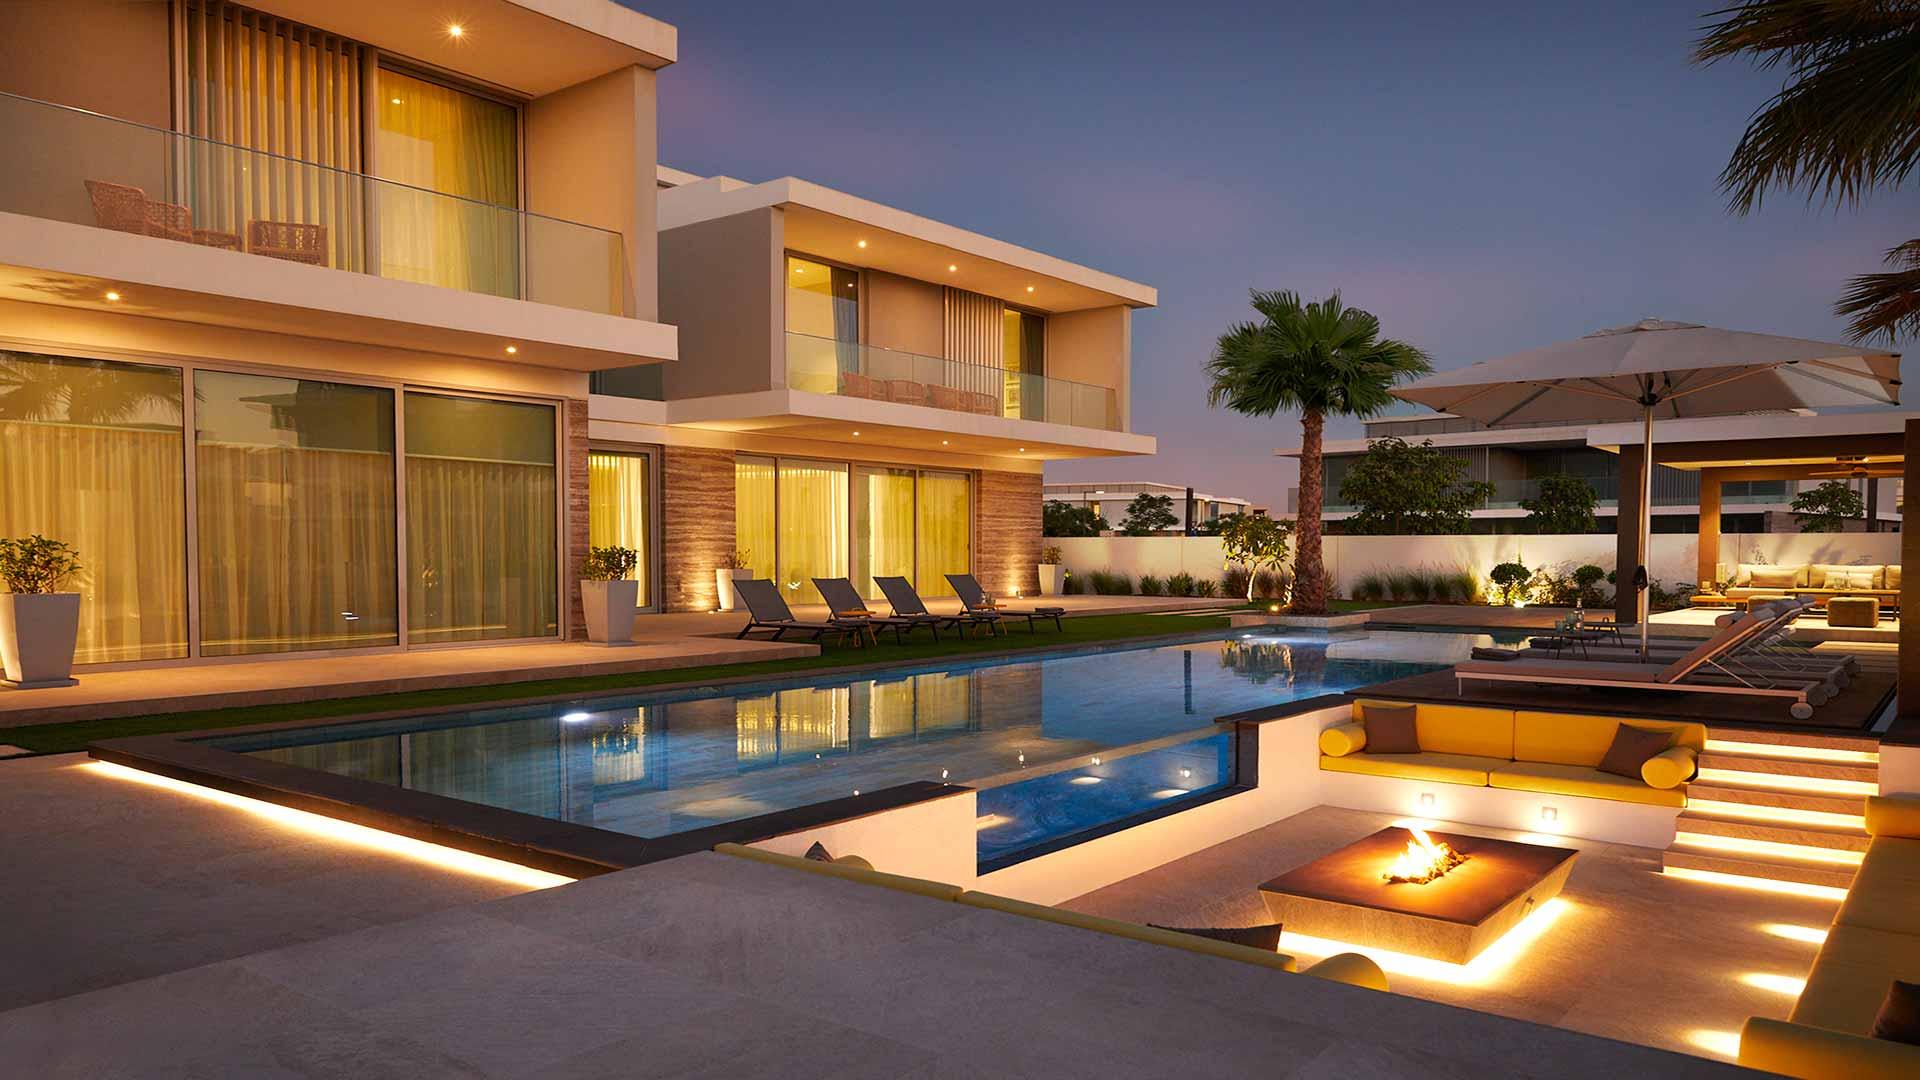 Swimming pool contractors Dubai.jpg